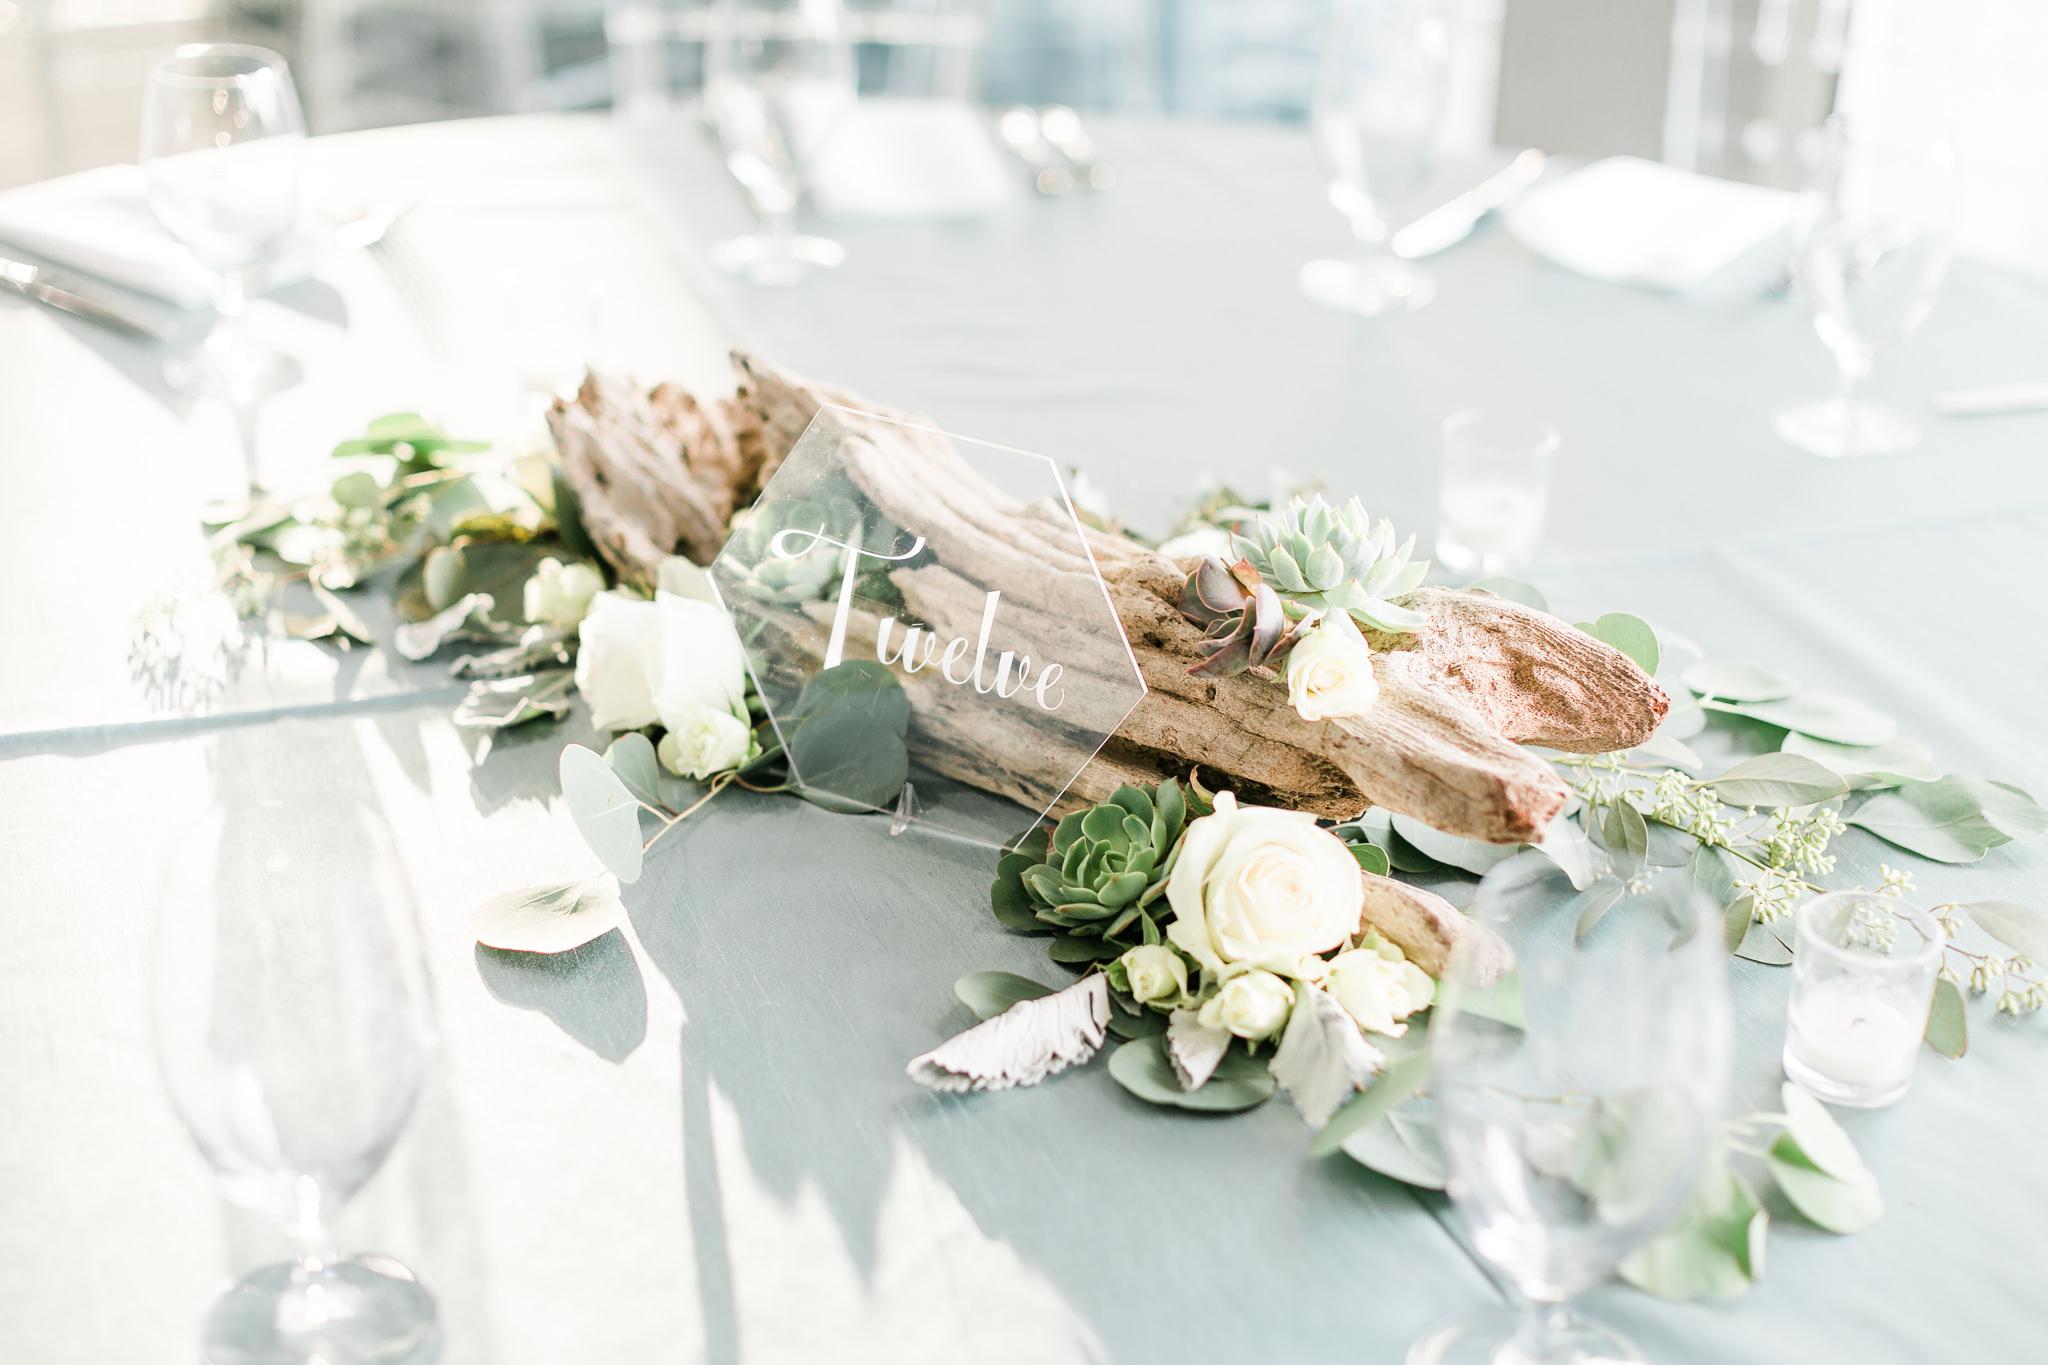 Driftwood and Succulent Wedding Centerpiece